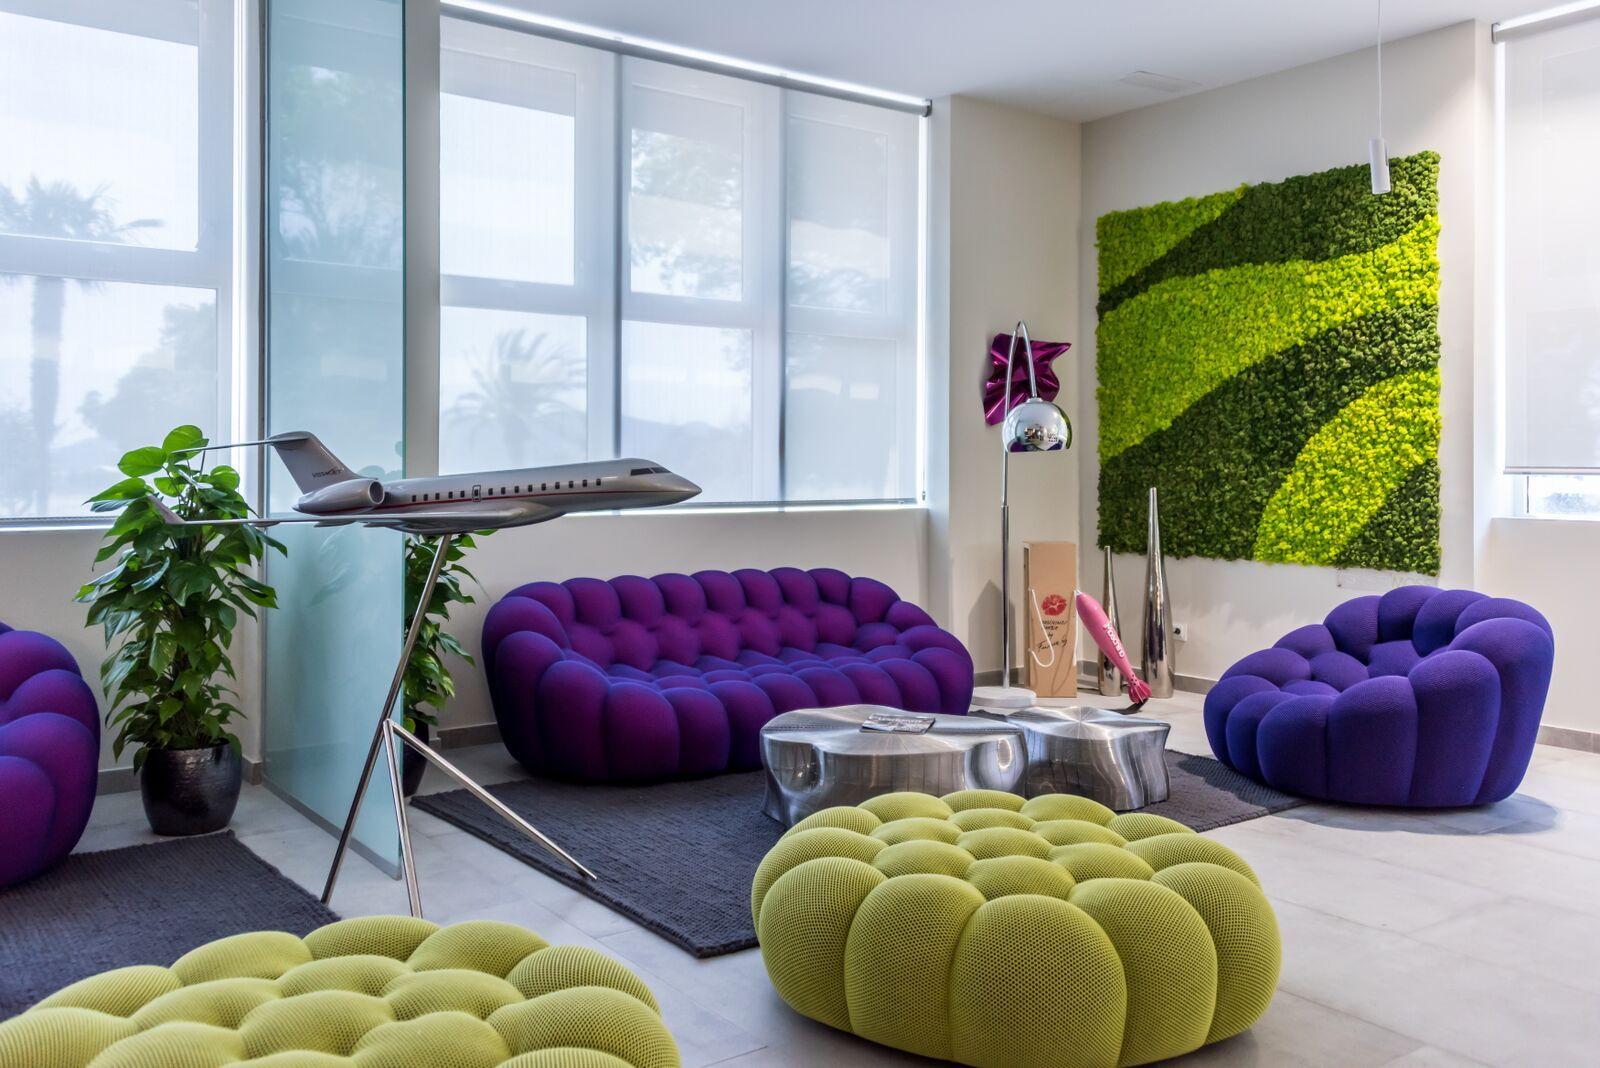 Roche Bobois' Bubble Sofa Can Be Found In Ibiza'S Private ... pour Pouf Roche Bobois Bubble